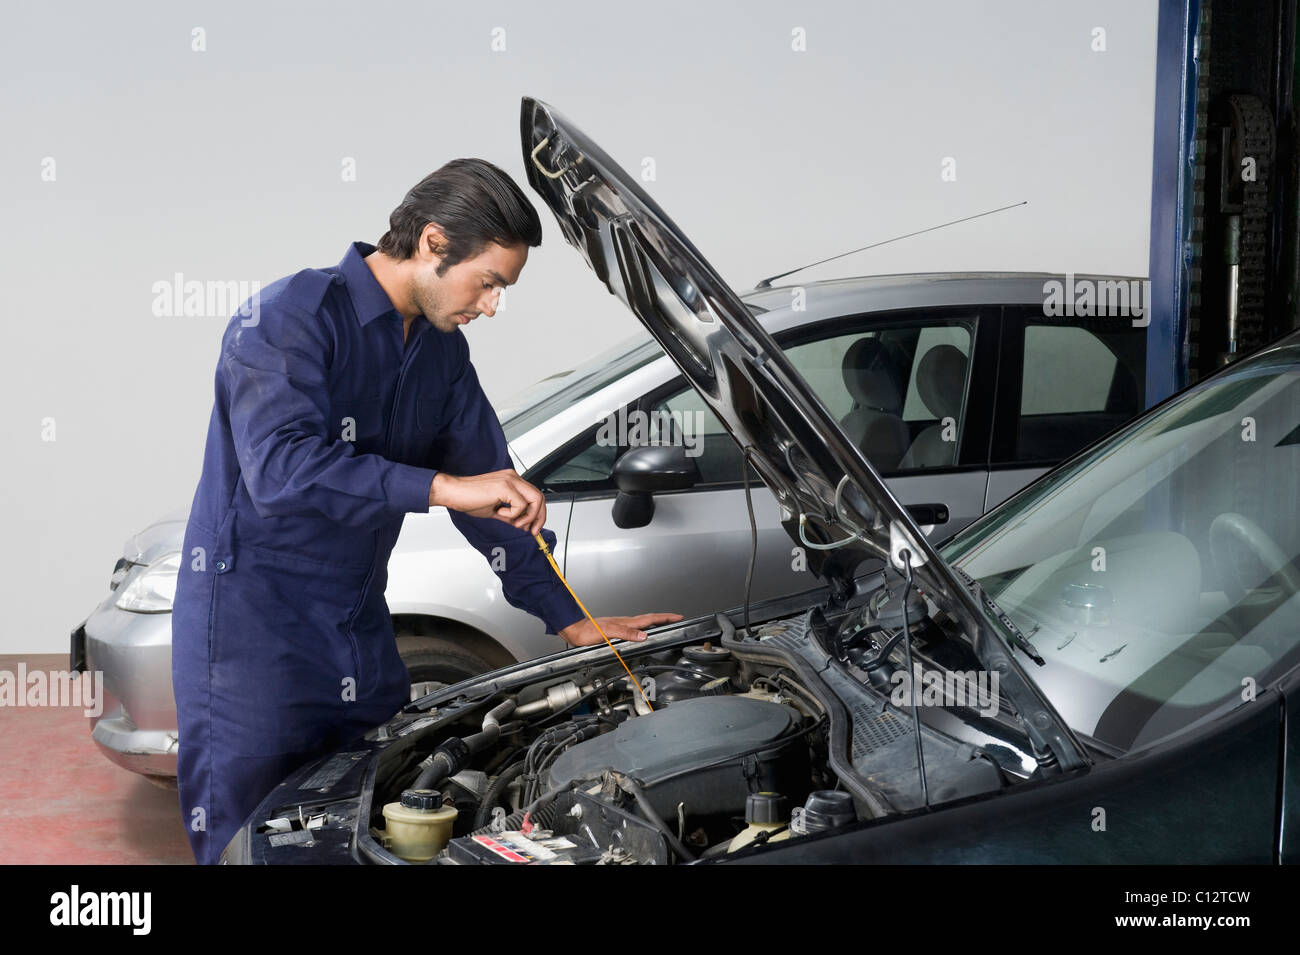 Kfz-Mechaniker Überprüfung Ölstand eines Autos in einer garage Stockbild